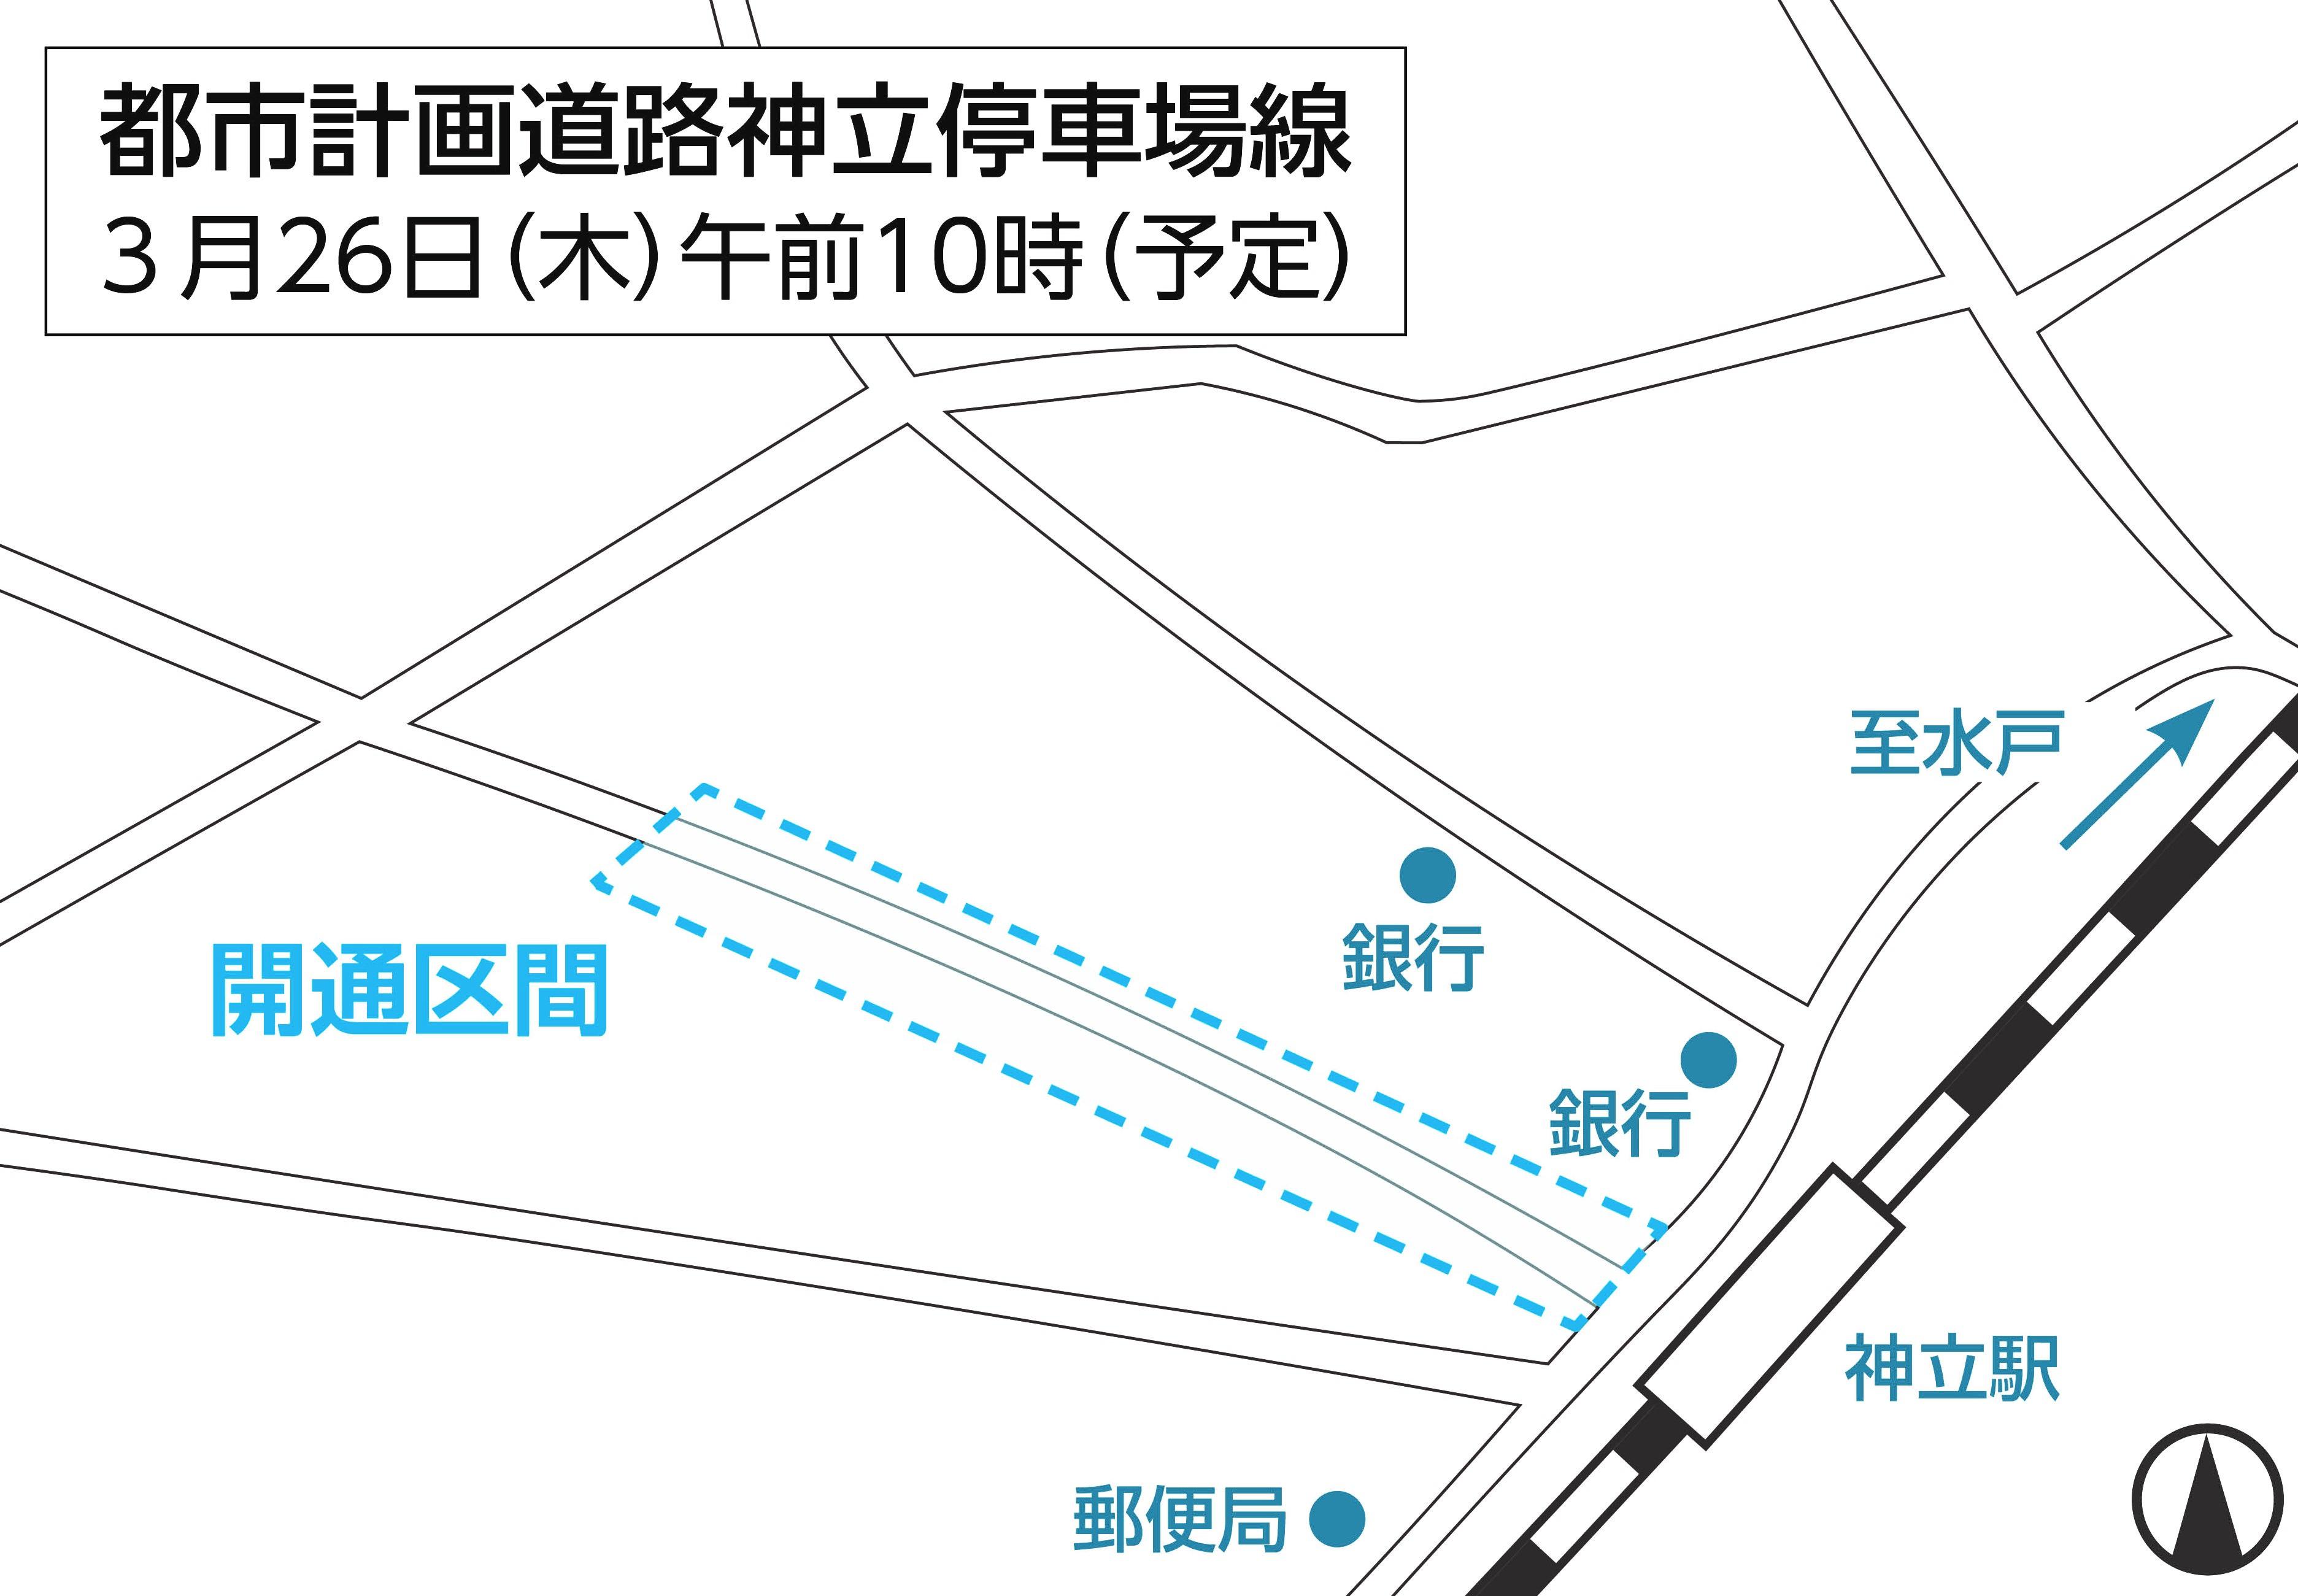 都市計画道路神立停車場線が開通します | 土浦市公式ホームページ